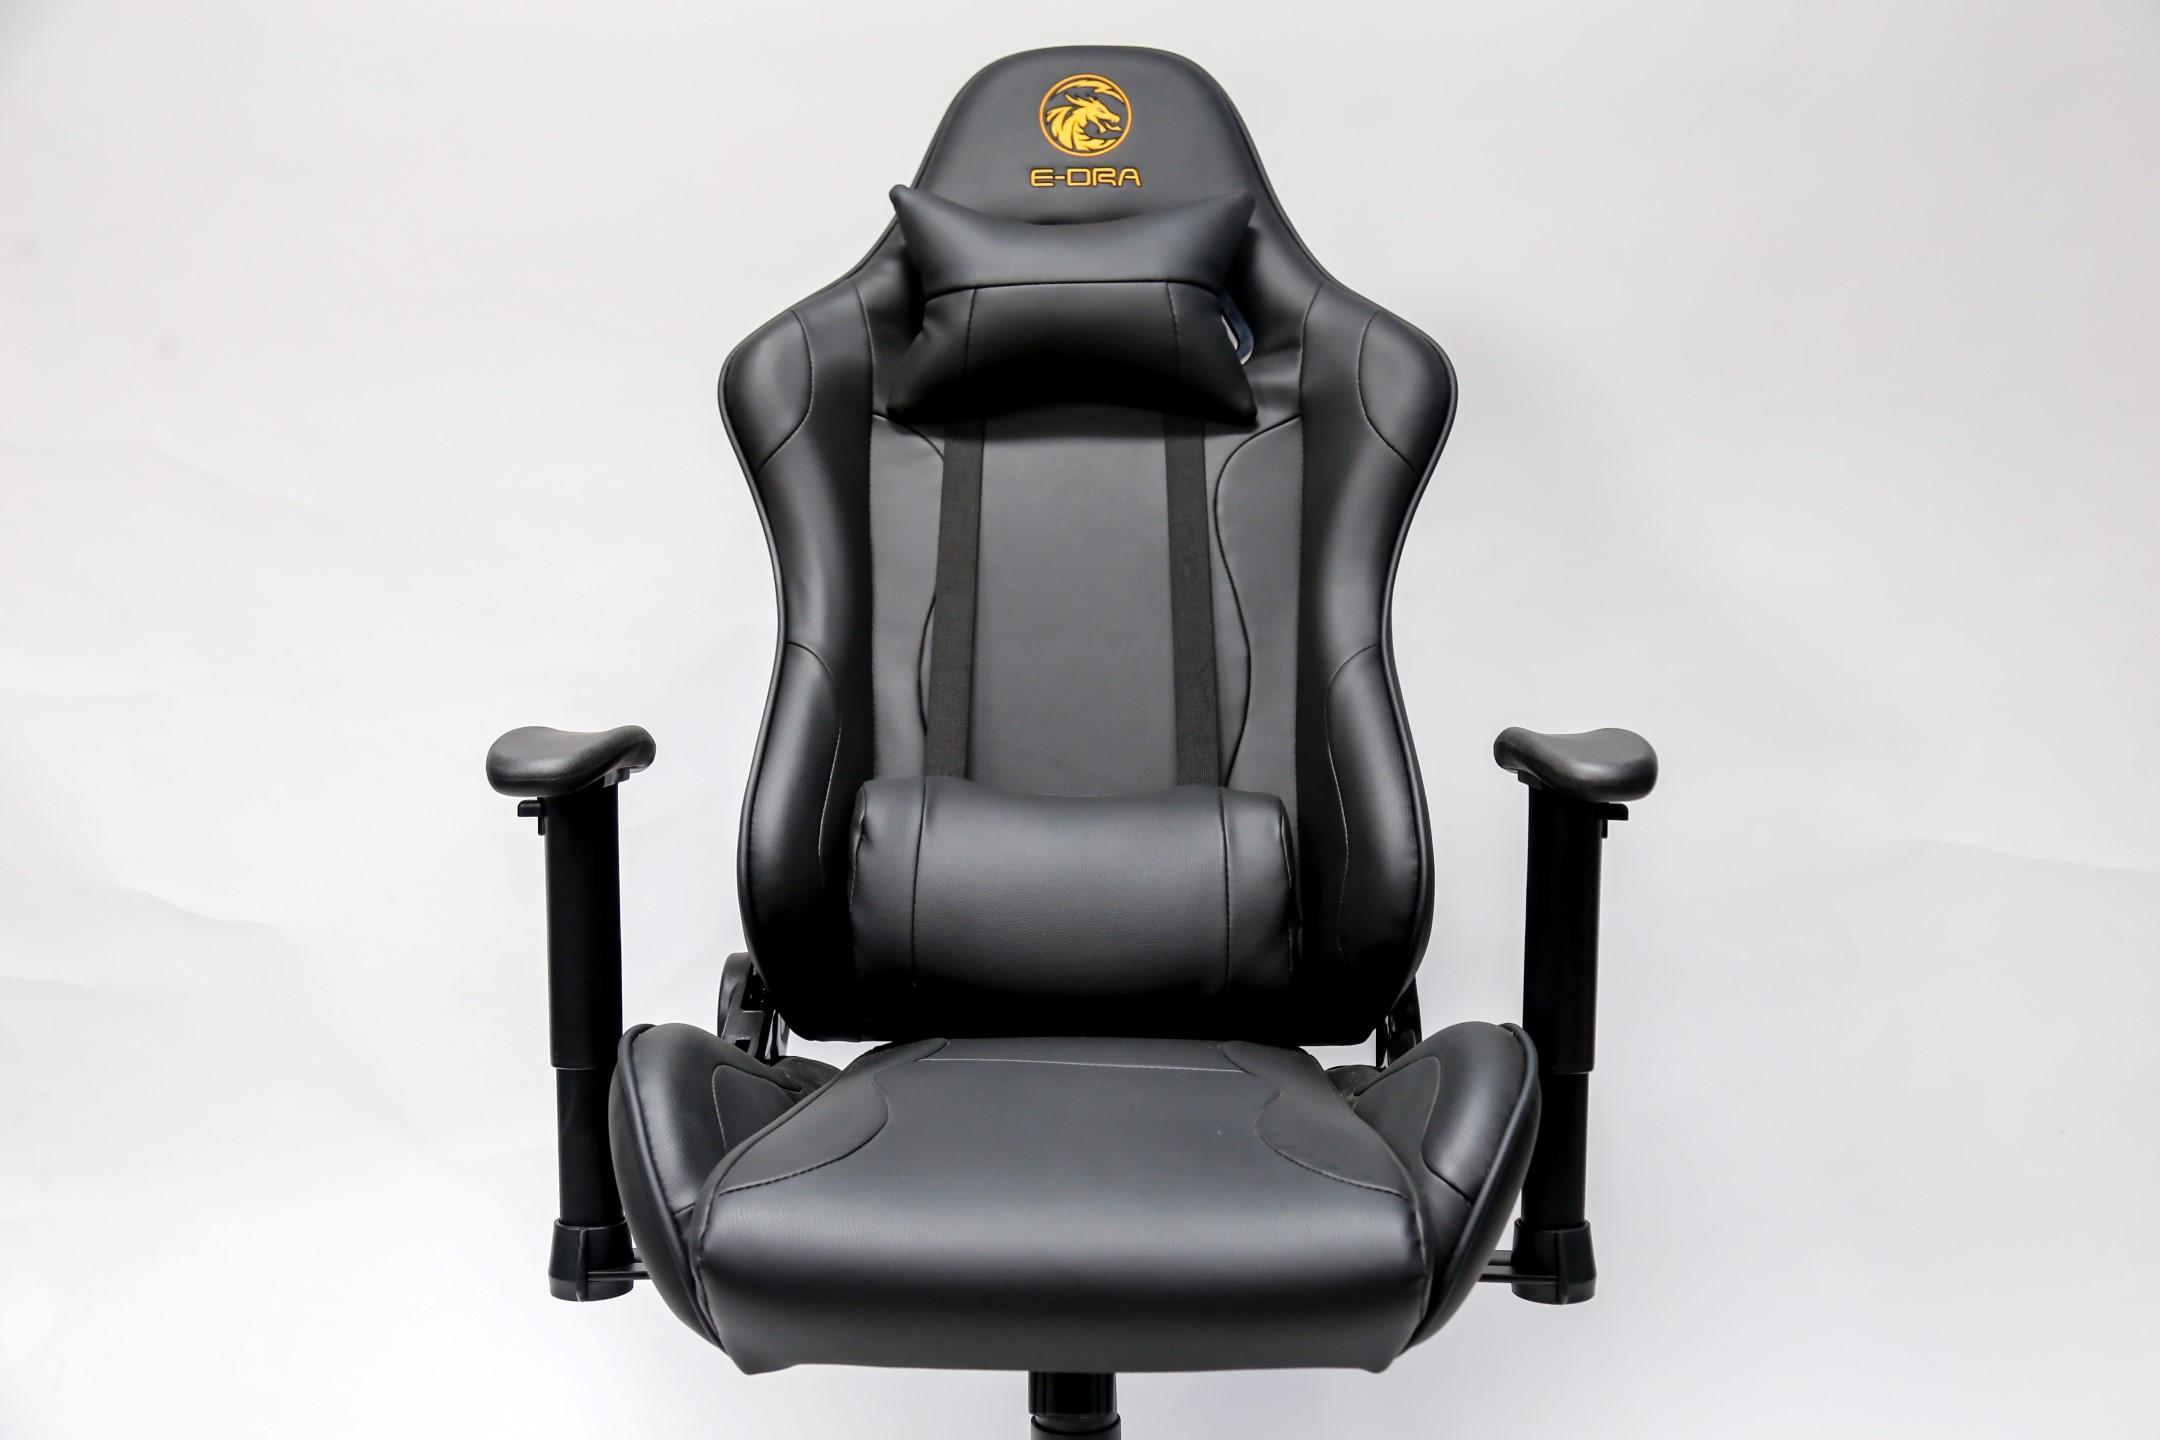 Ghế Game E-Dra Mars EGC202 Blue  có thiết kế đầy đủ chức năng